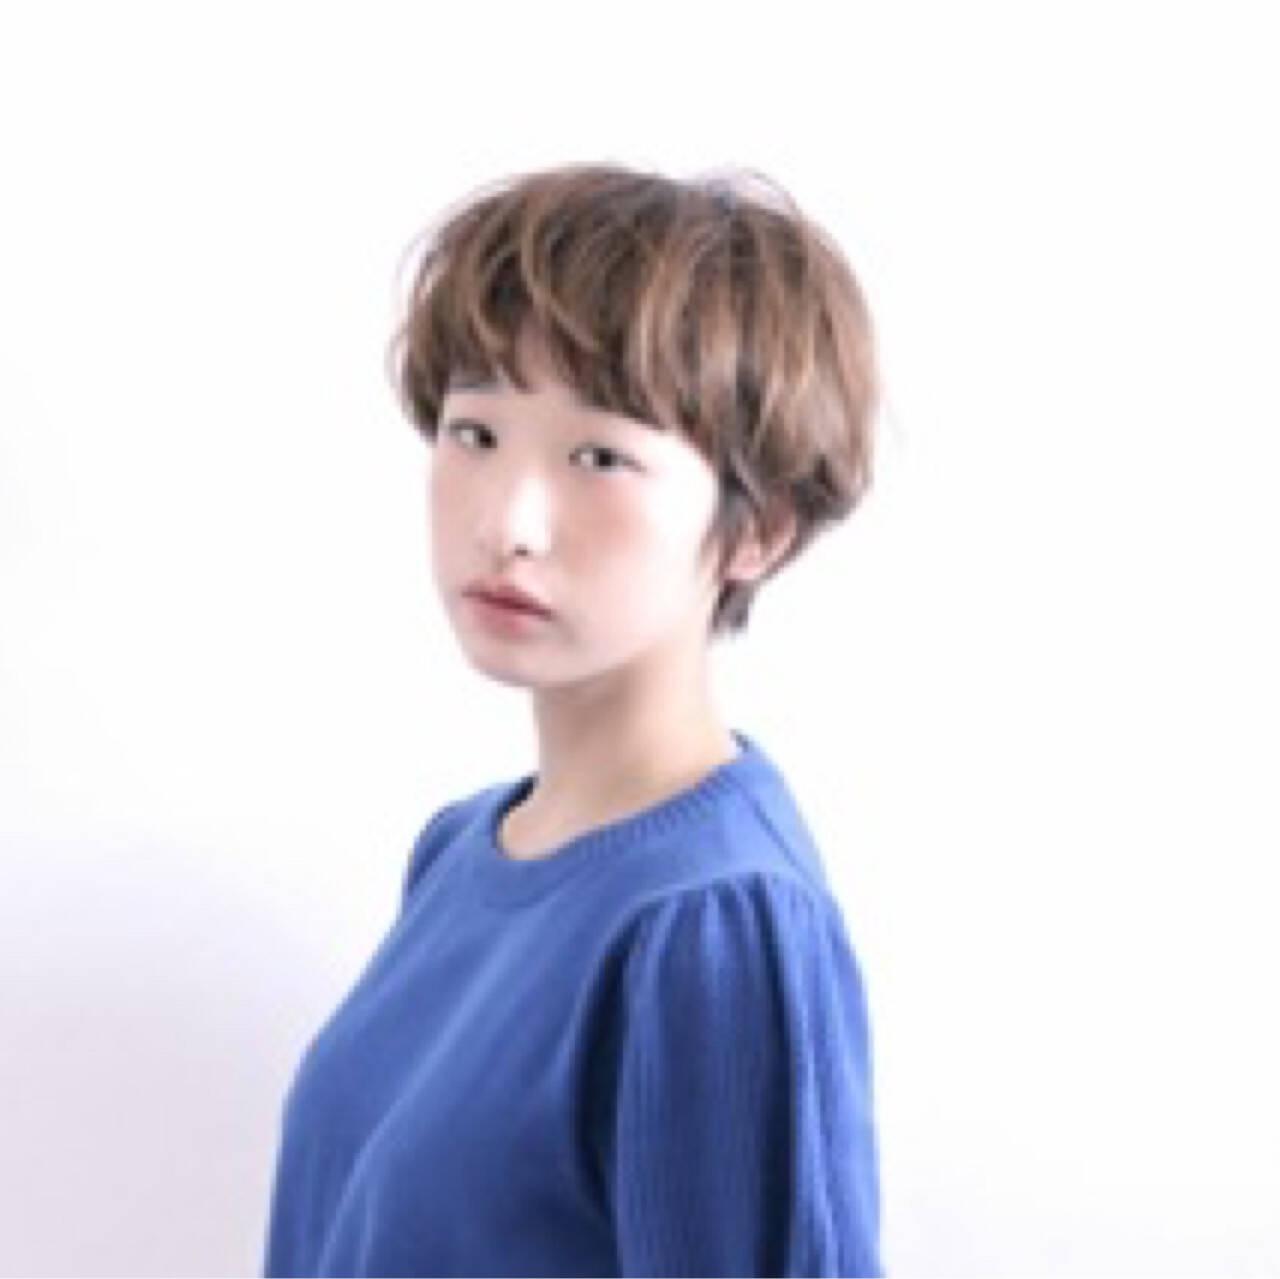 ナチュラル ショート ゆるふわ 大人女子ヘアスタイルや髪型の写真・画像